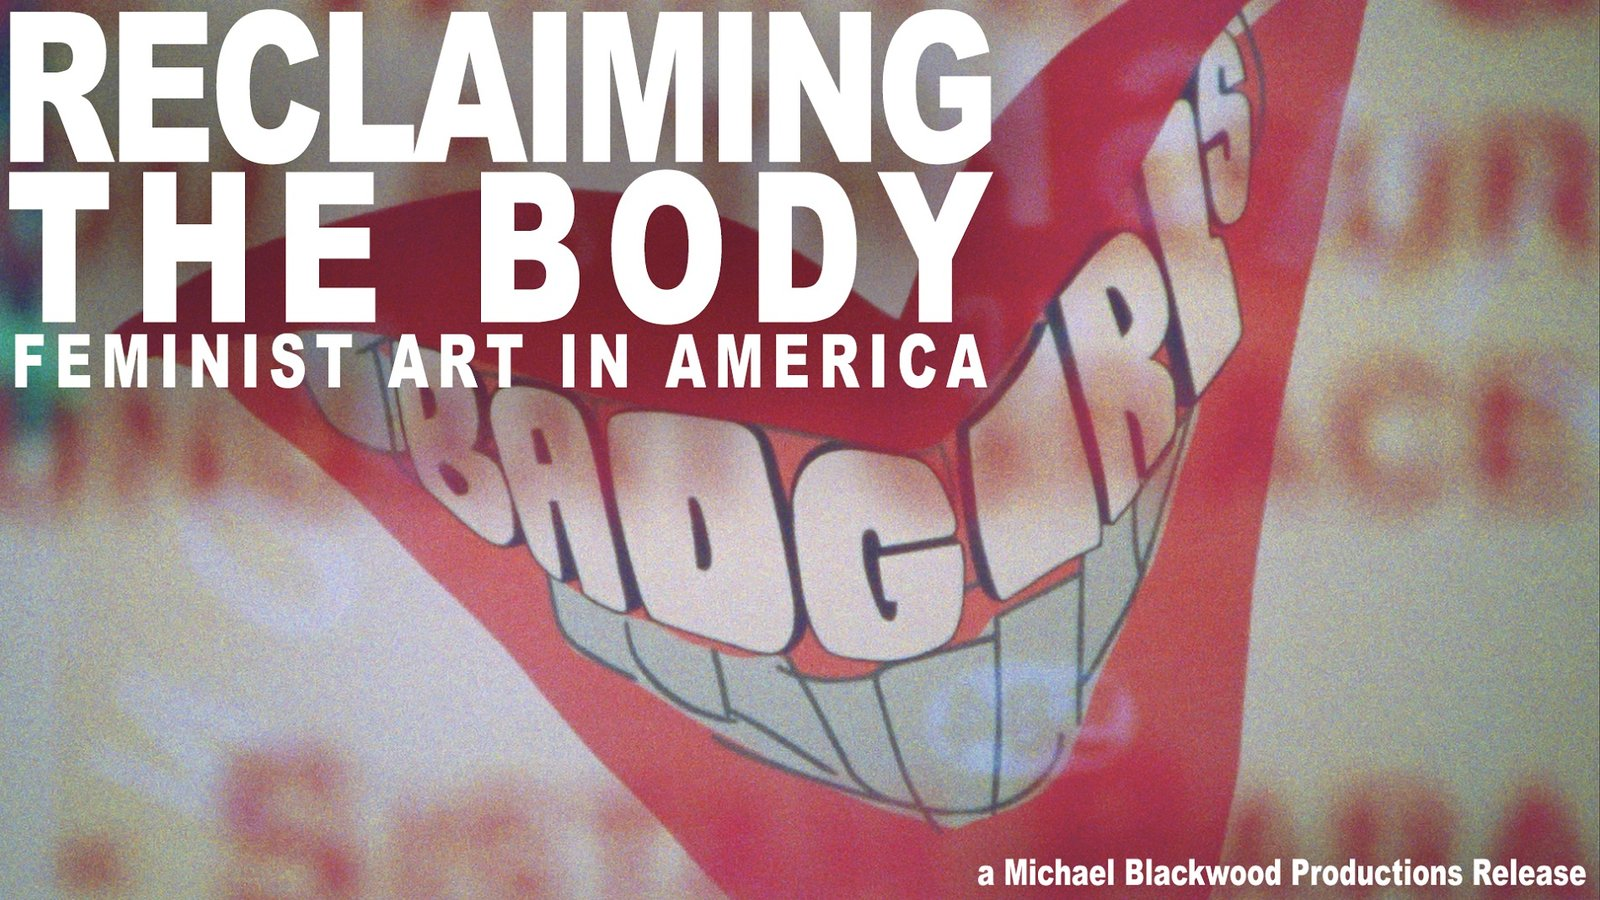 Reclaiming the Body - Feminist Art in America